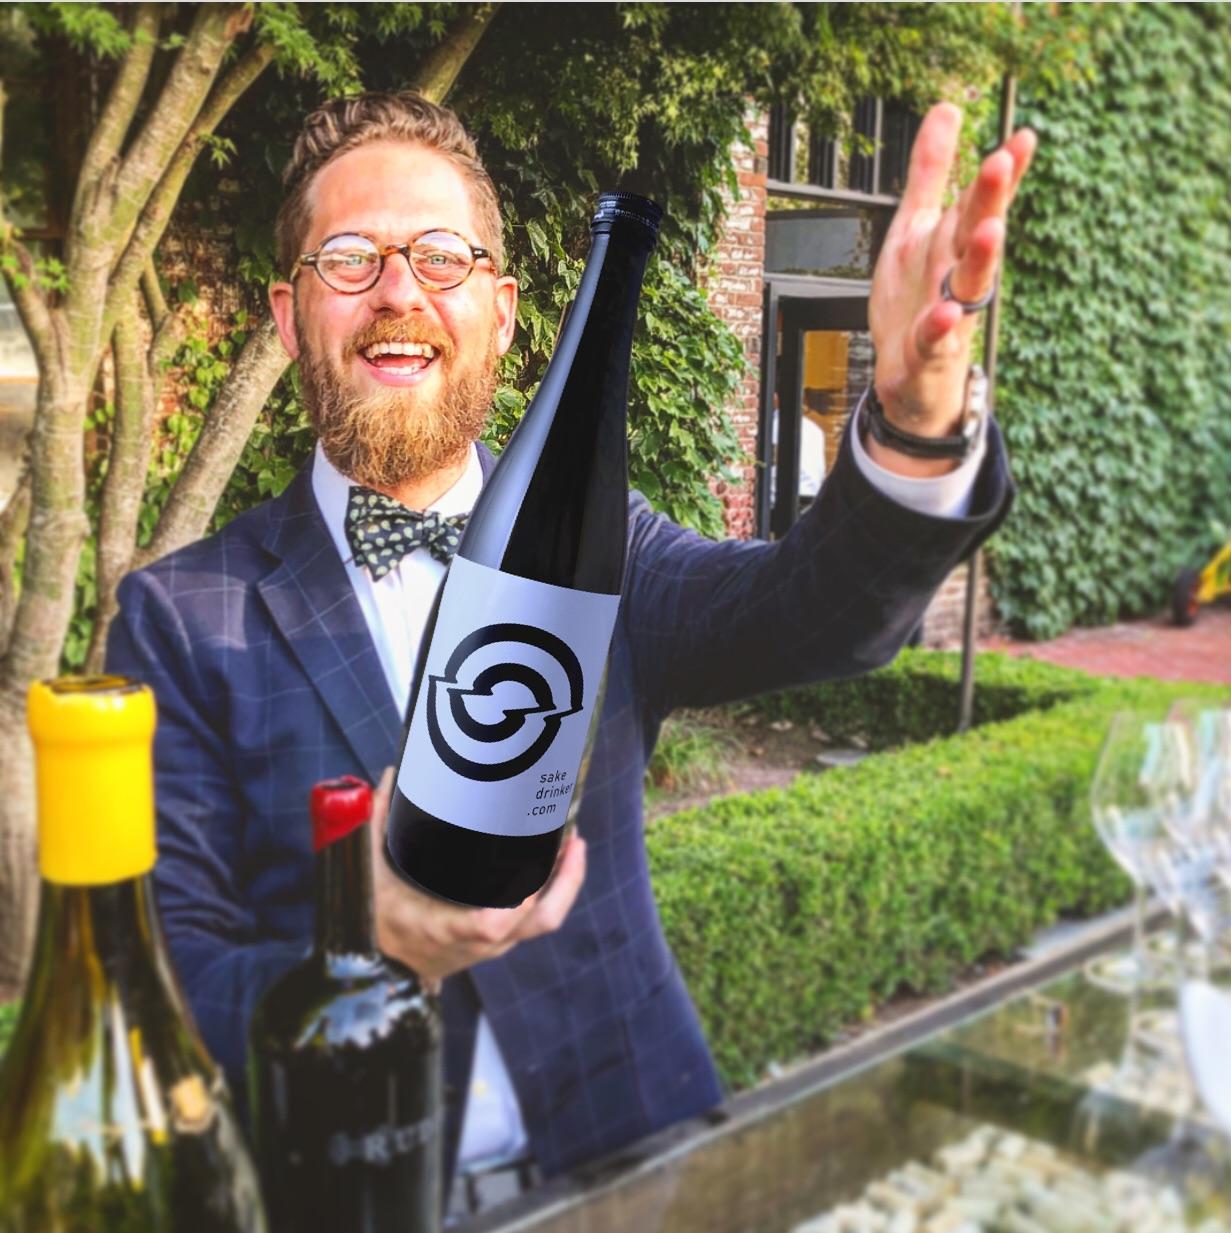 #eduardodingler #abalancedglass #wine #sake #rebeccahopkins